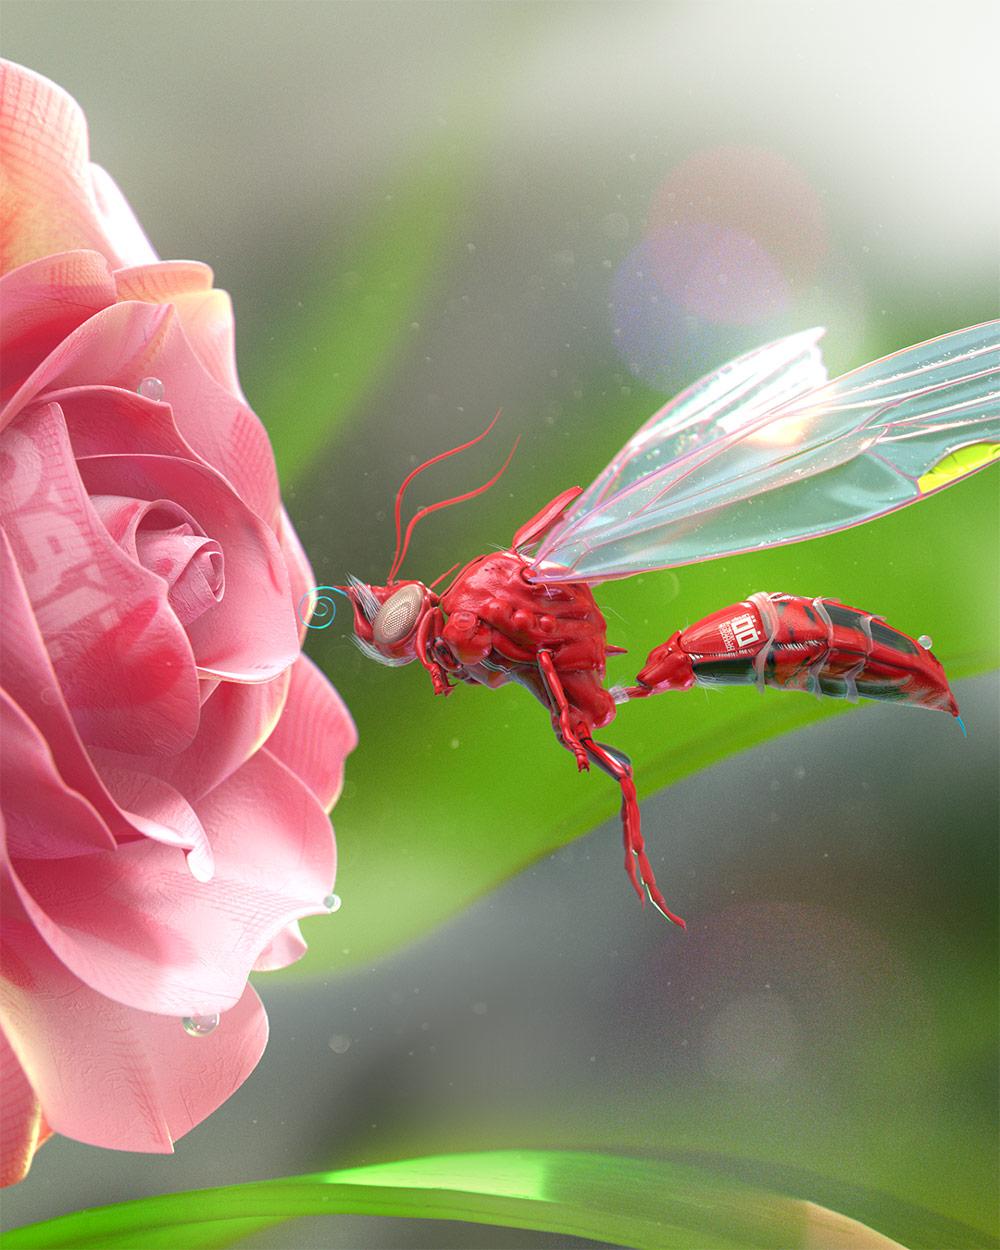 Wasperfly_01B.jpg